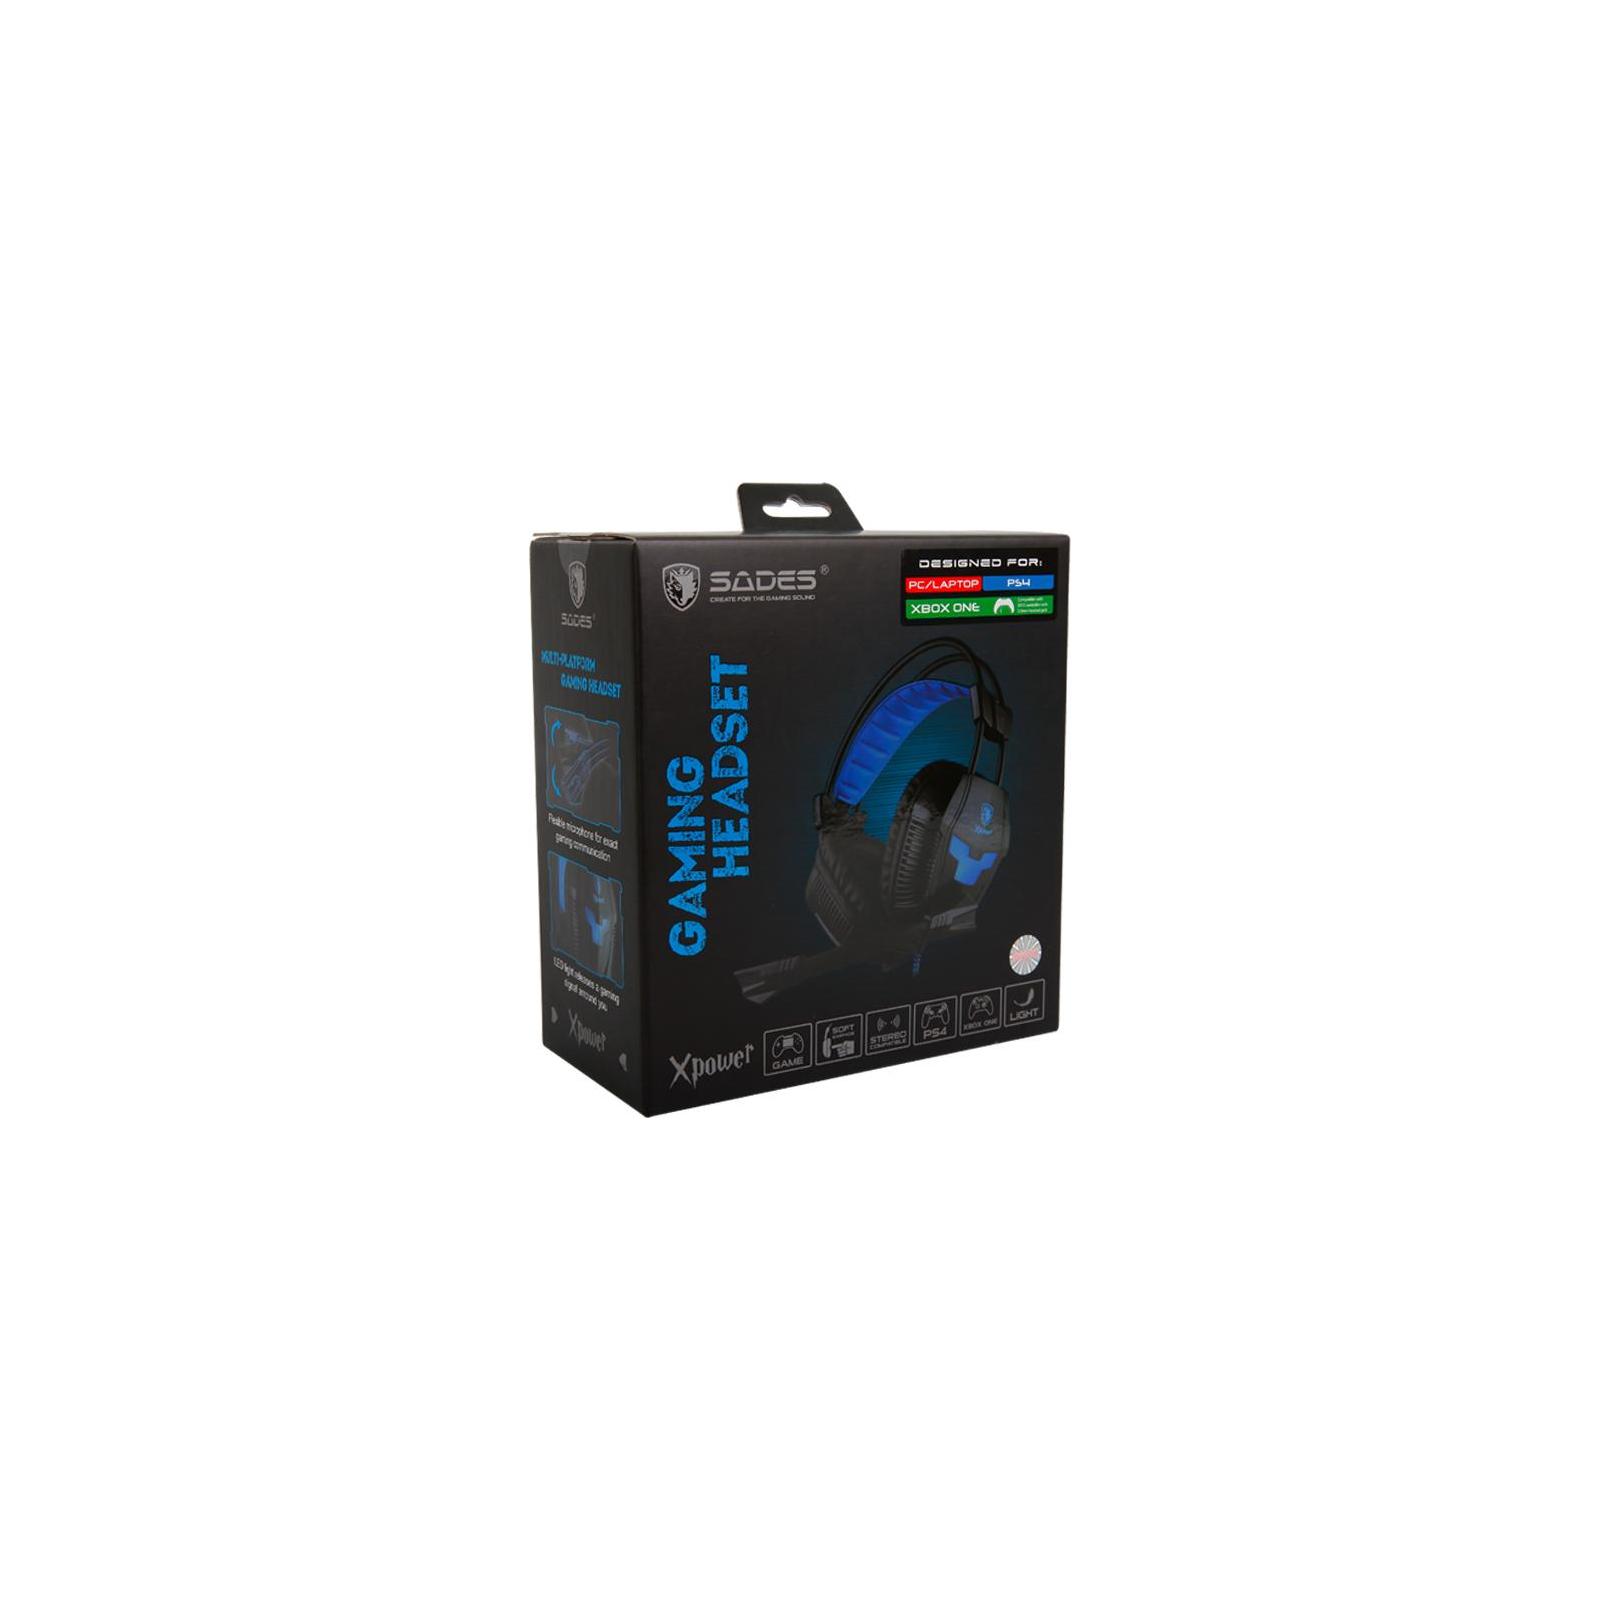 Наушники SADES Xpower Black/Blue (SA706-B-BL) изображение 9